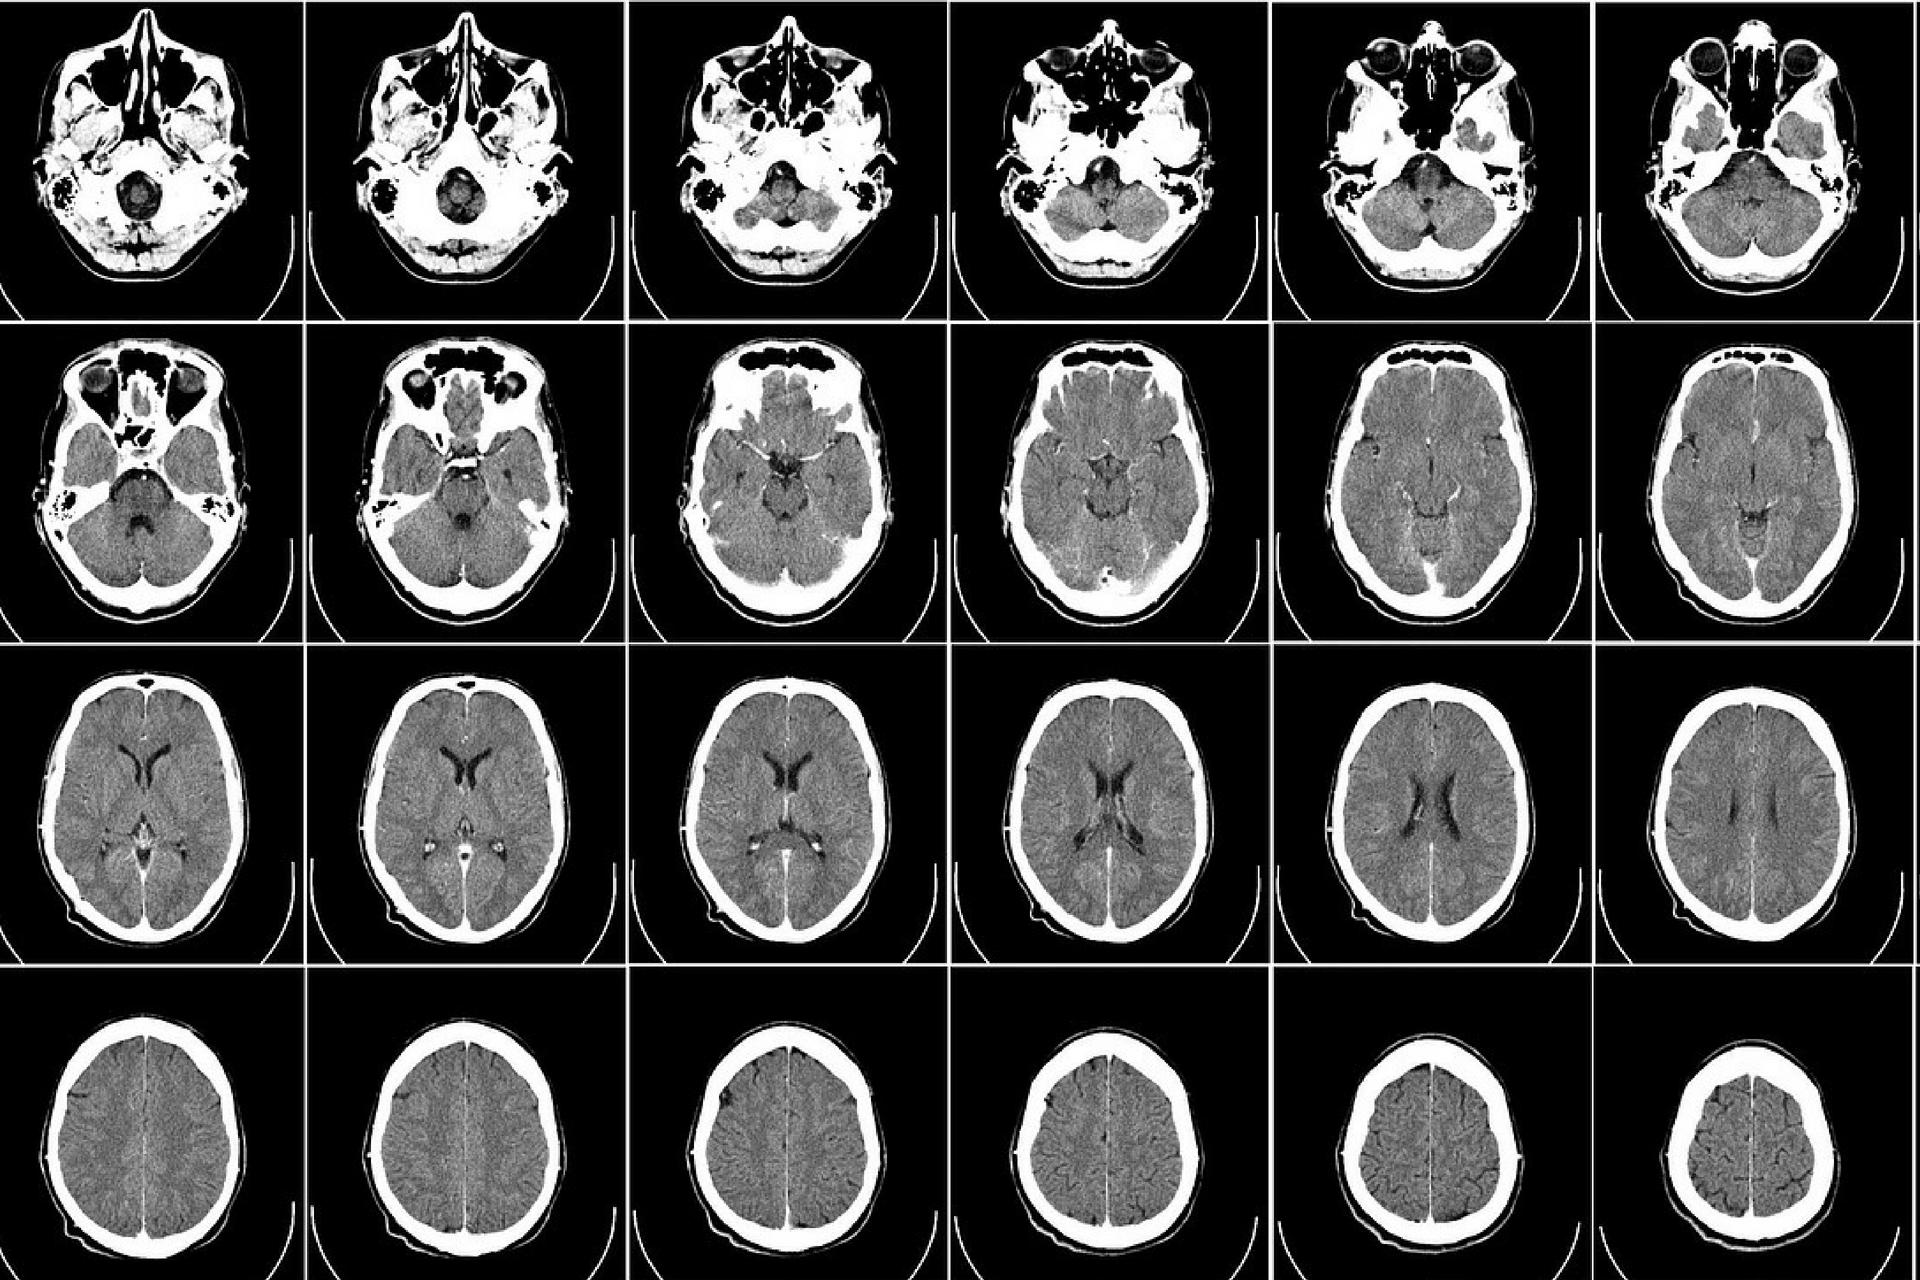 traumas na cabeça aumentam o risco de Parkinson